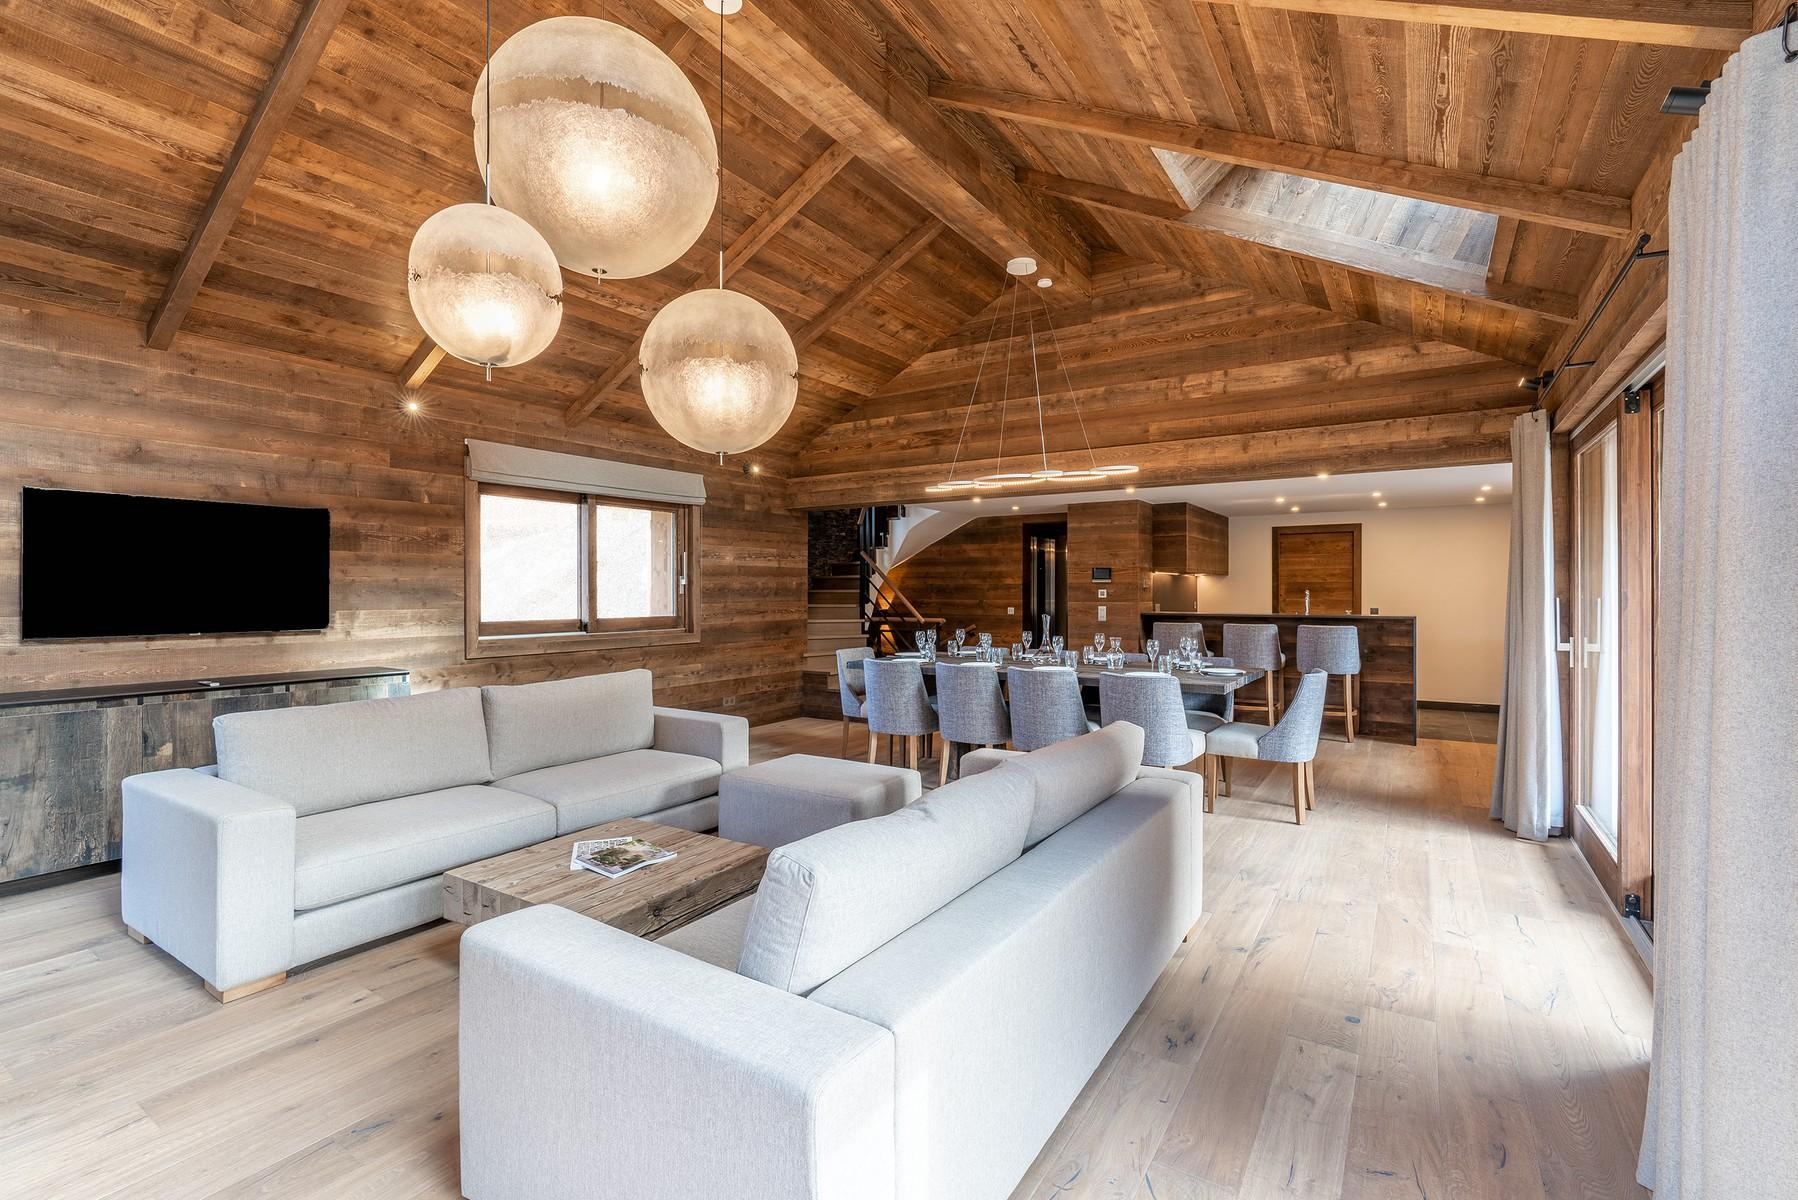 Sistemi Di Illuminazione A Led illuminare un tetto con travi a vista: tutte le soluzioni